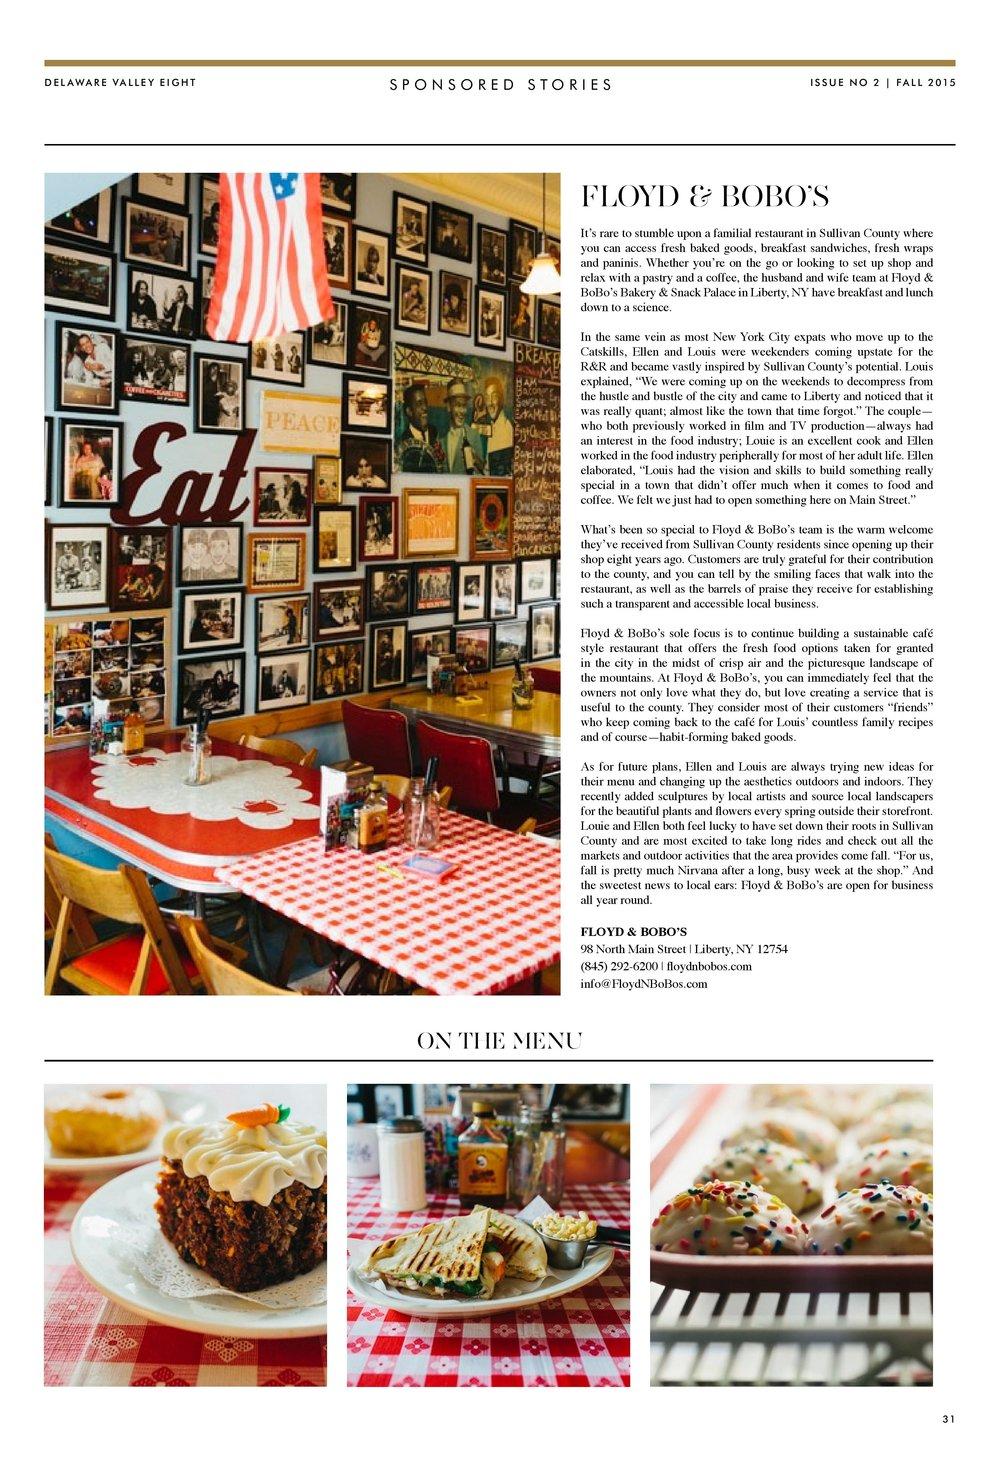 DV8_Magazine_V1-page-031.jpg